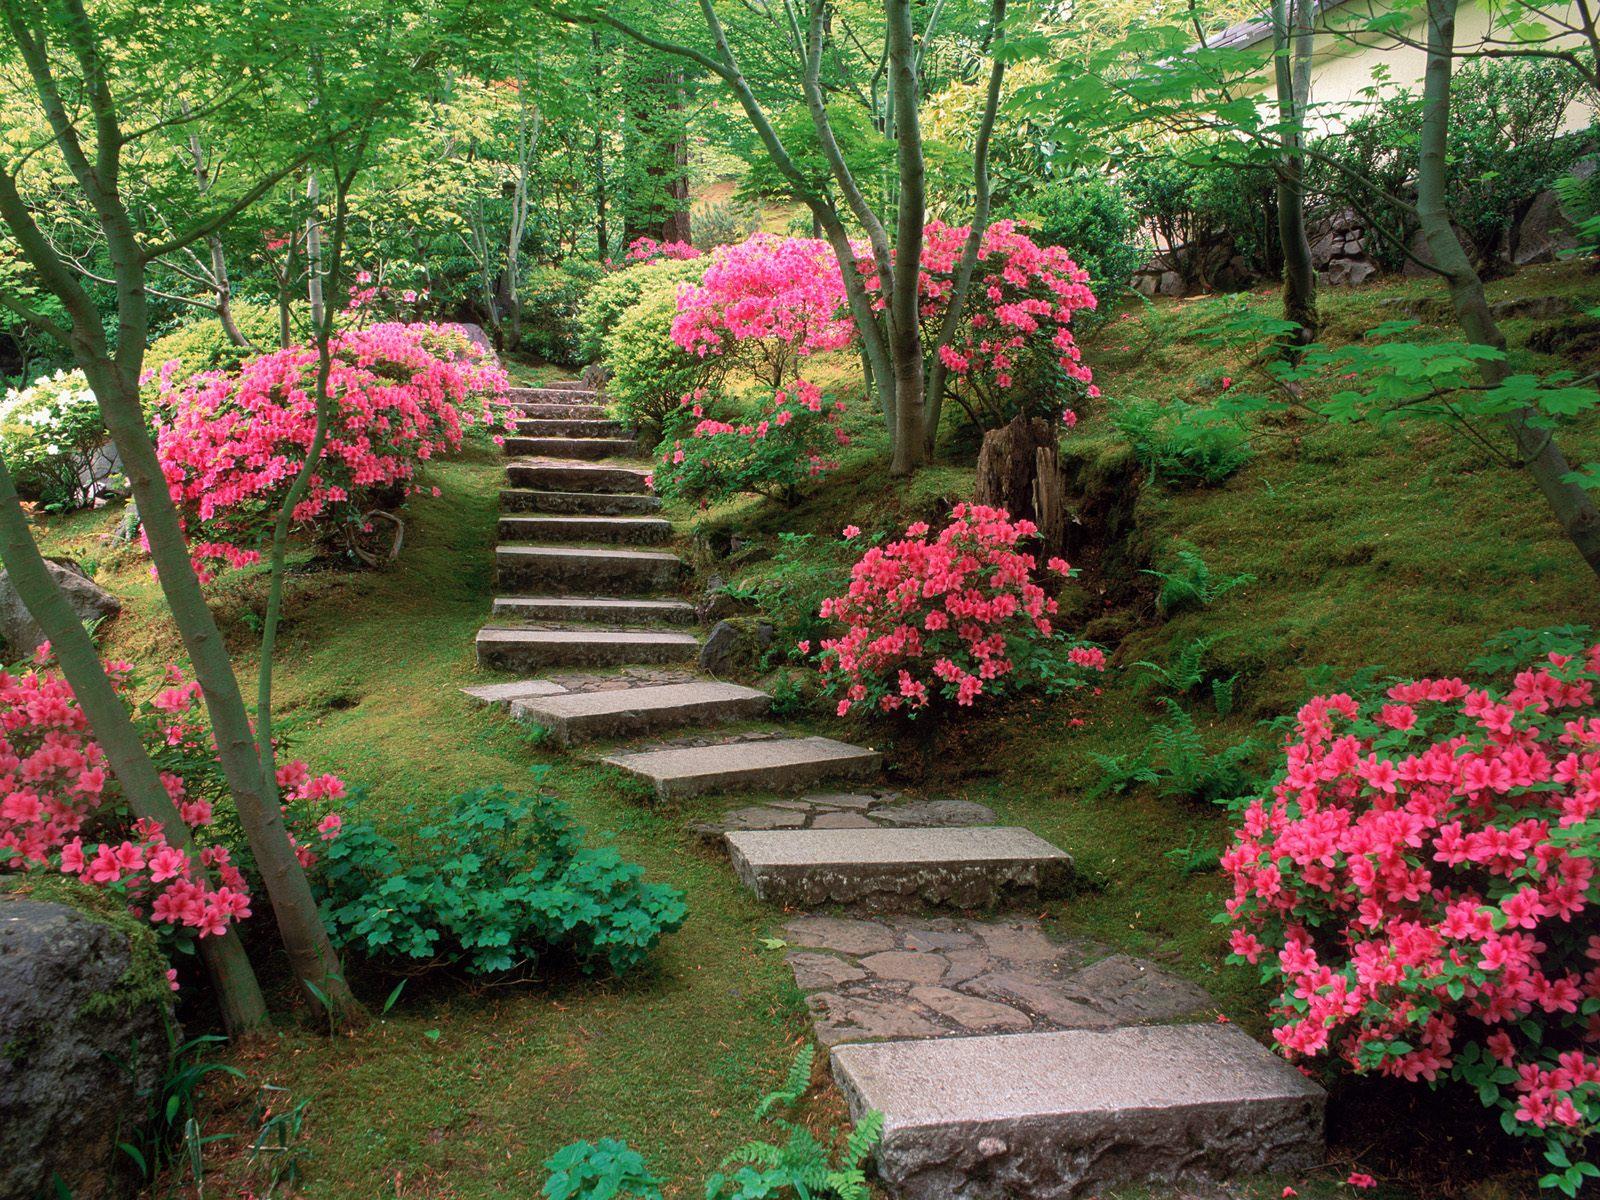 http://3.bp.blogspot.com/-gNKhP4Y3mKM/T03-JZbYnUI/AAAAAAAAAGA/mWThqQVYVps/s1600/azaleas_japanese_garden-normal.jpg